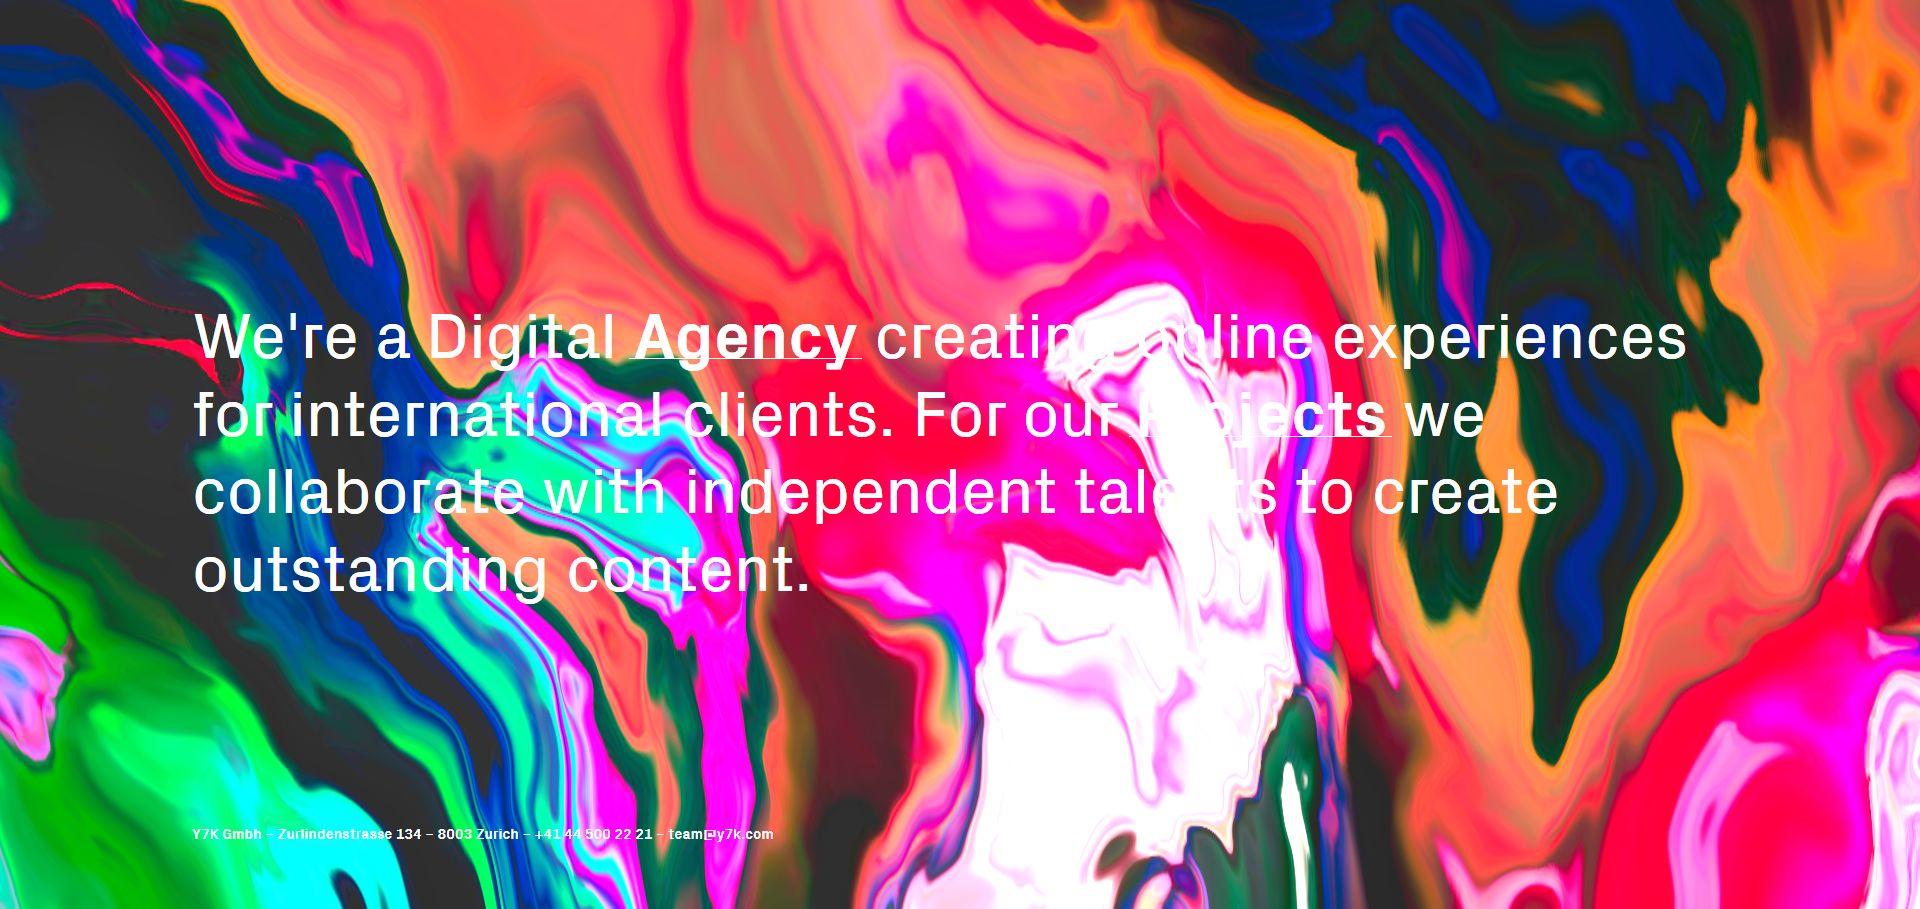 paginas-web-fondos-abstractos-5